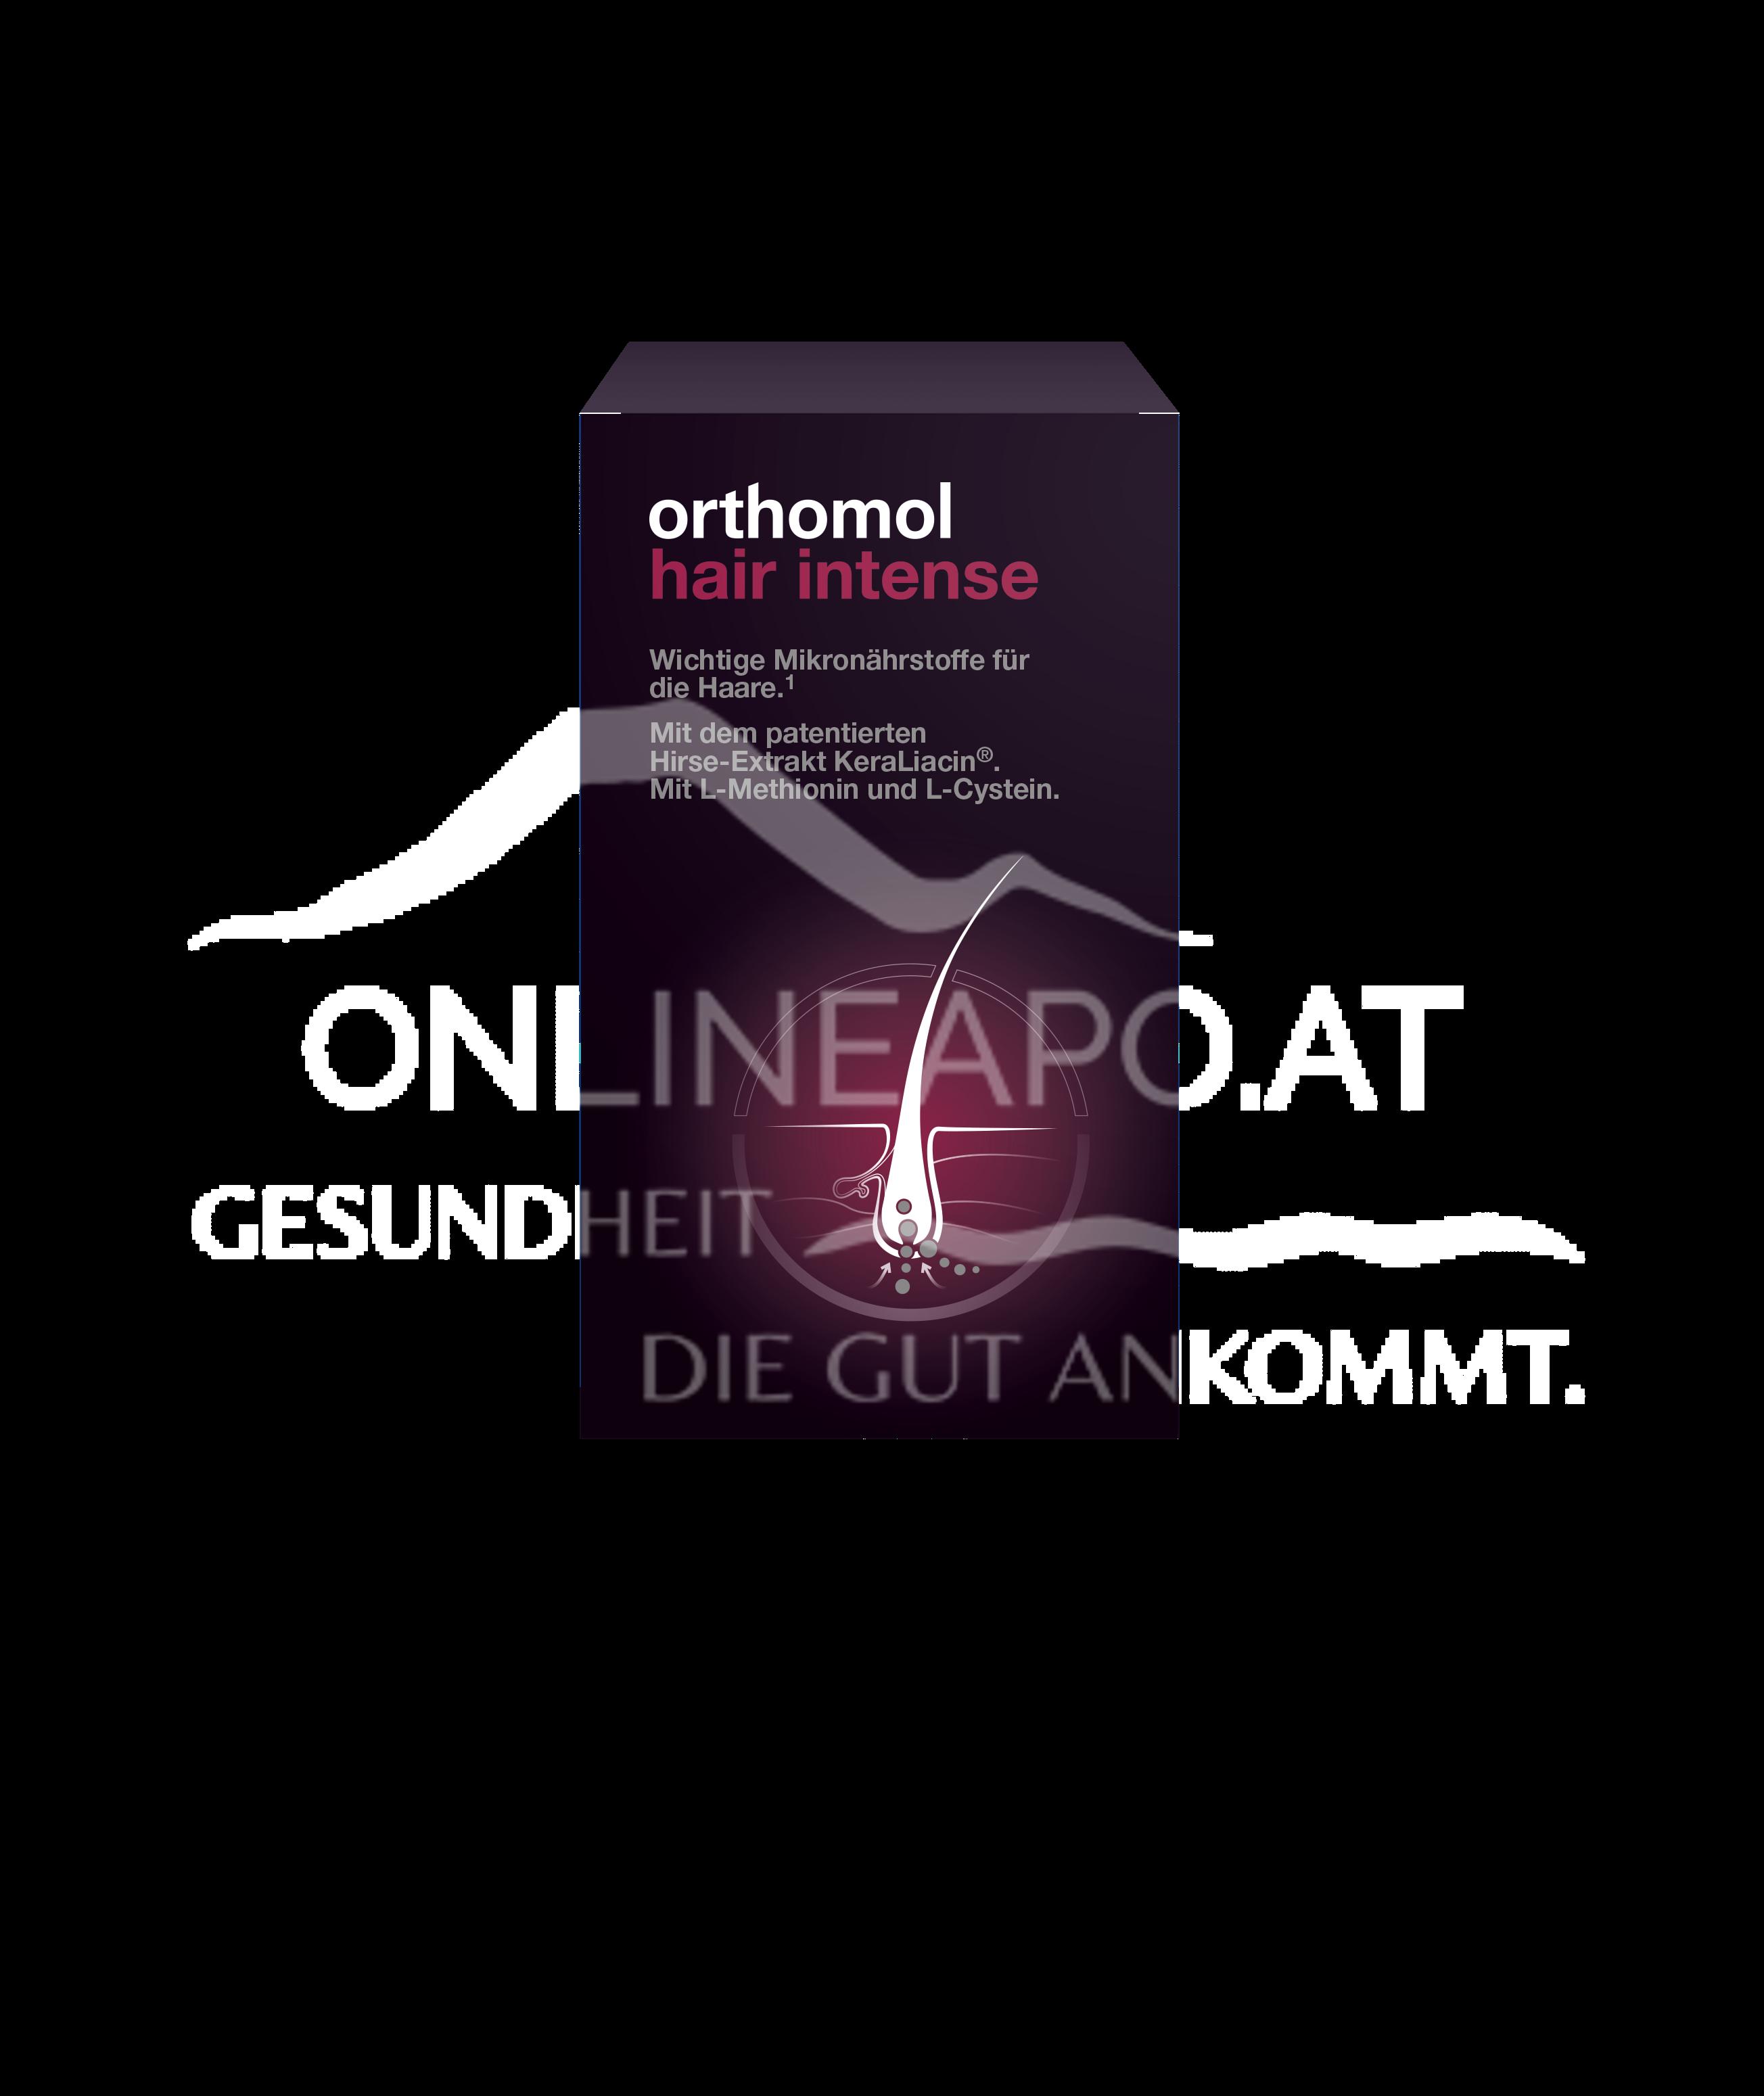 Orthomol Hair intense